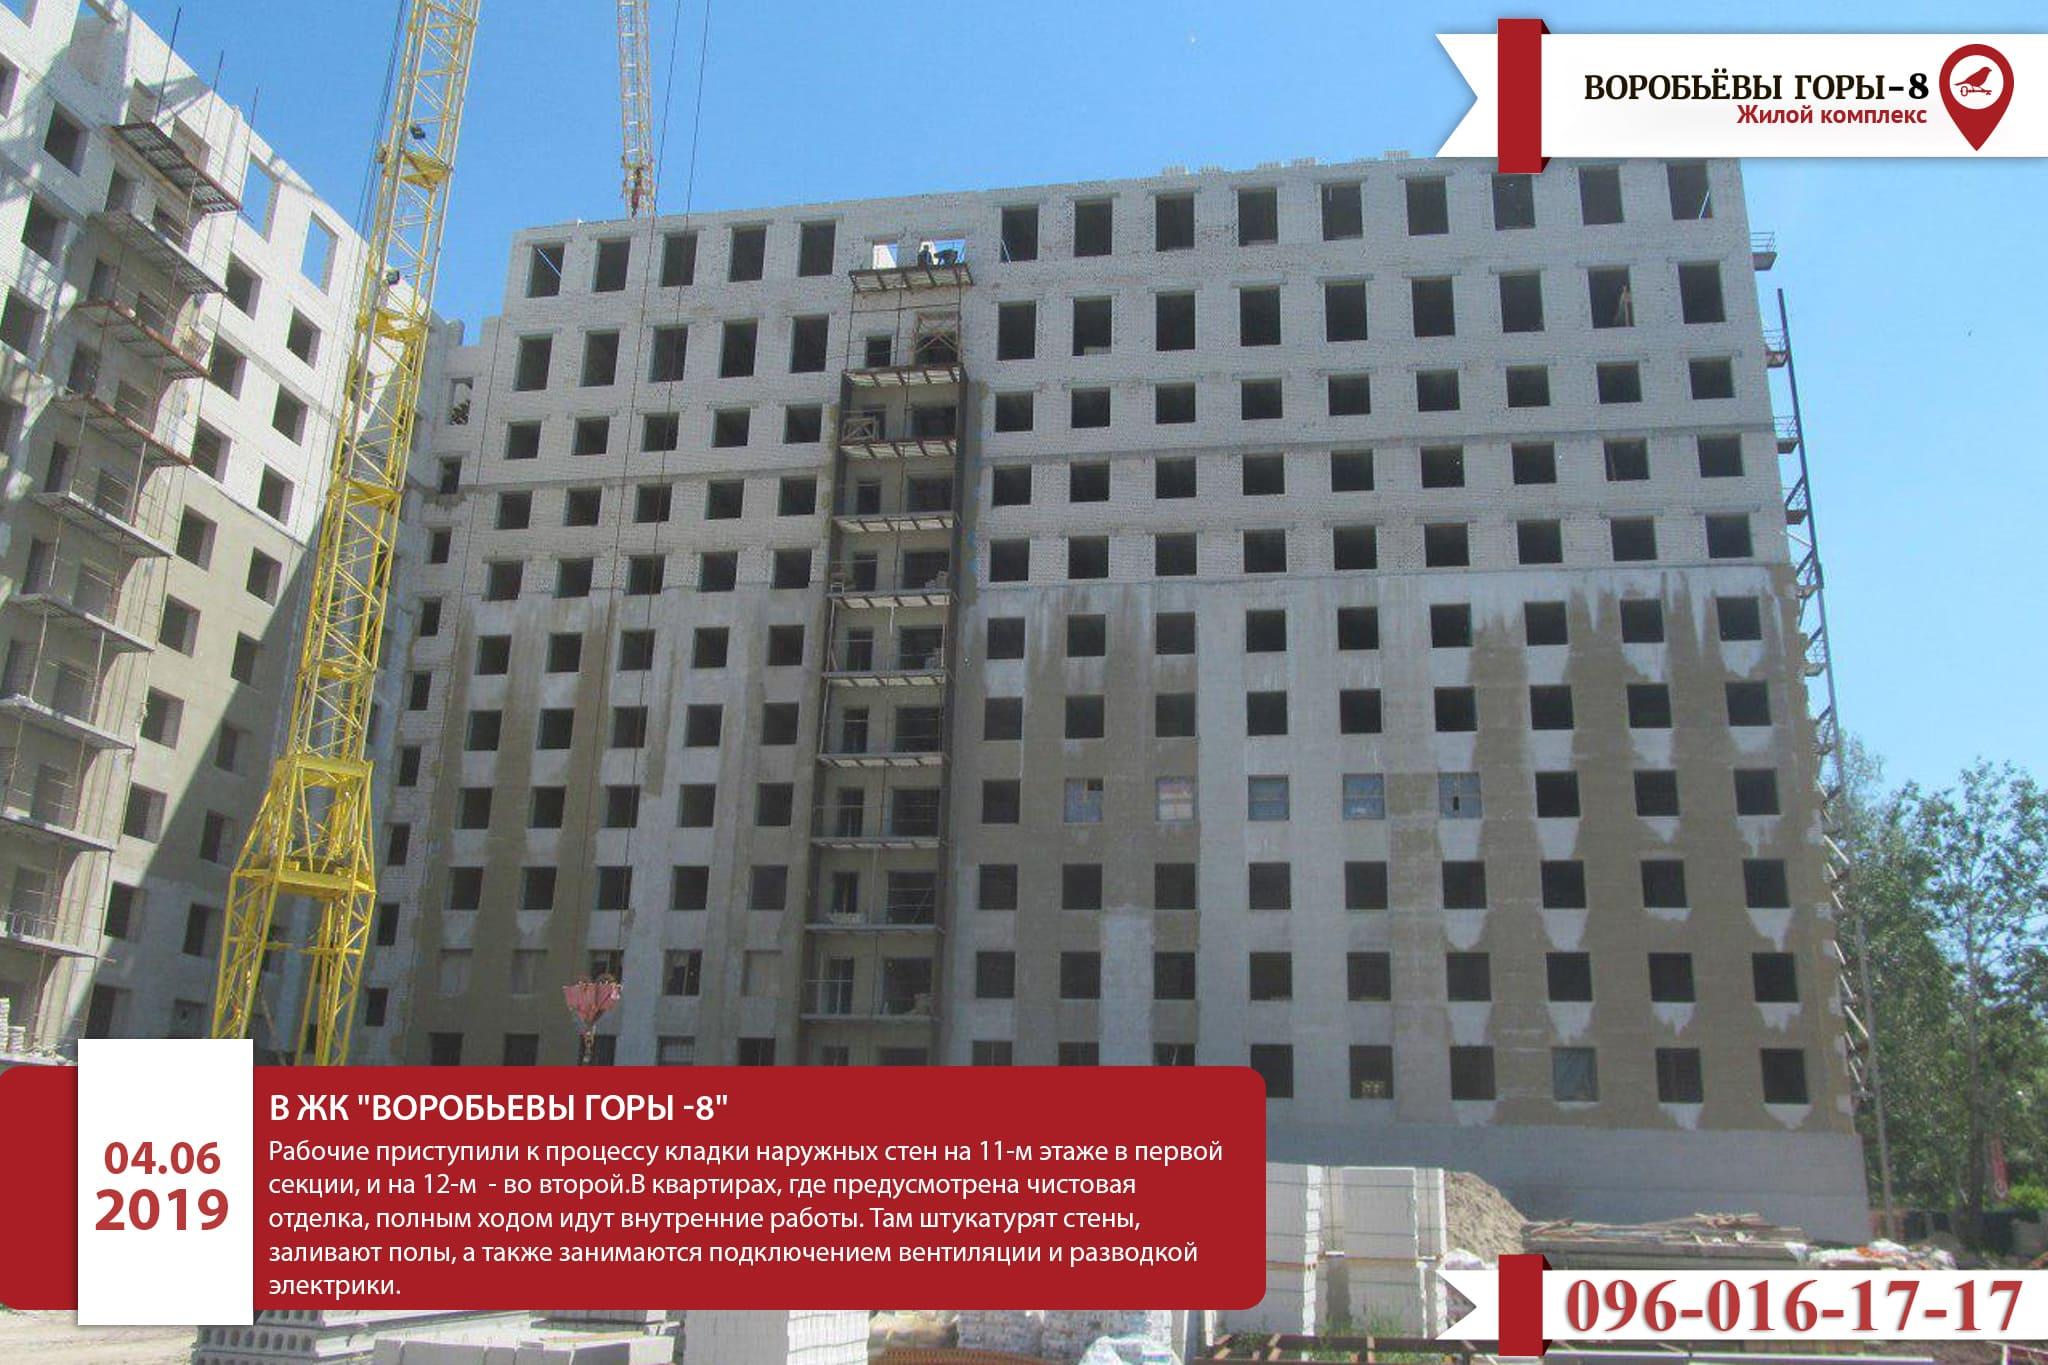 Актуальная информация о ЖК «Воробьевы горы-8»